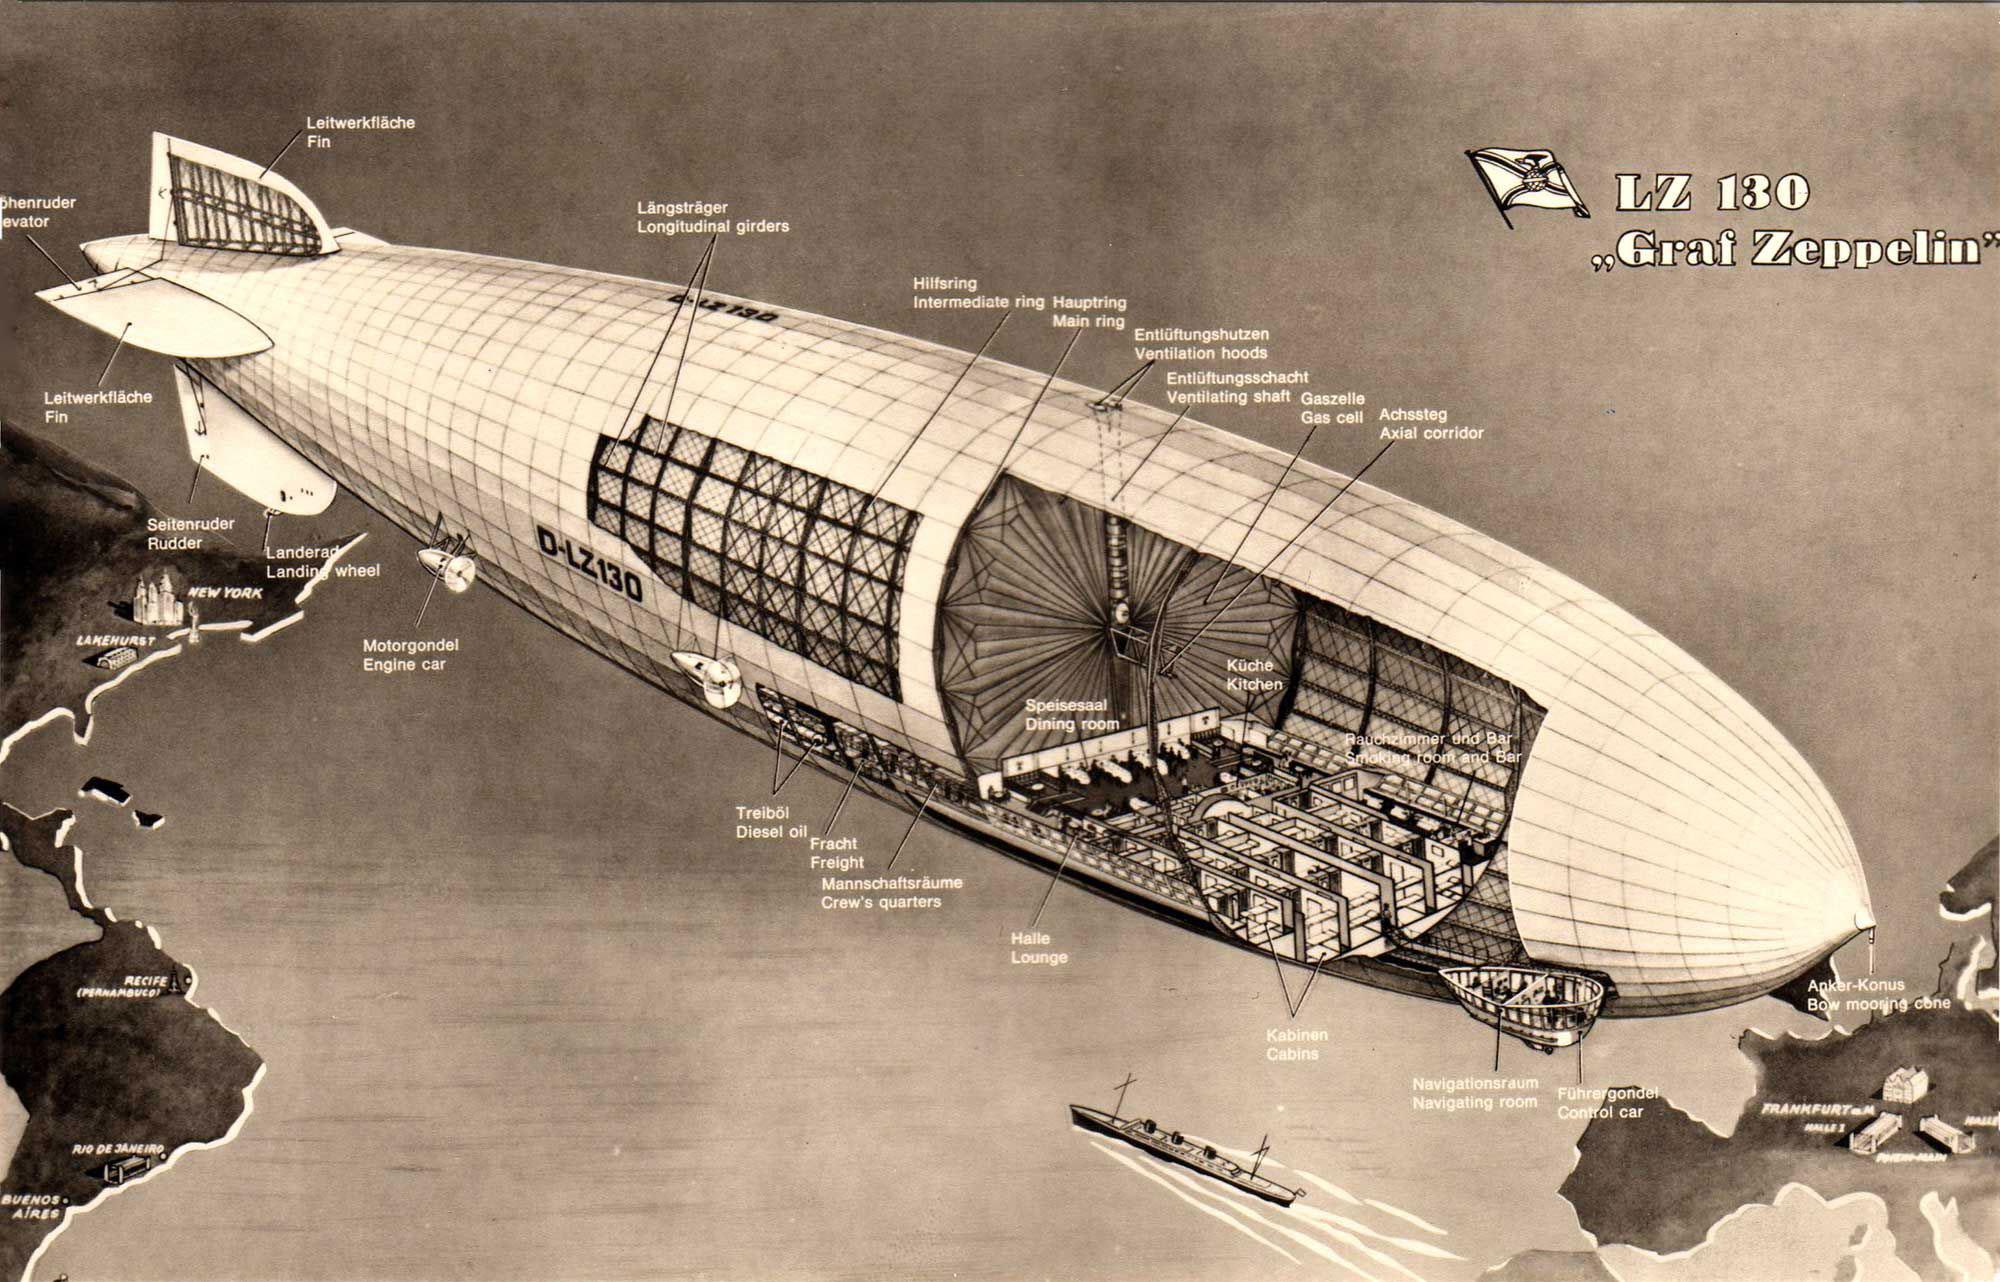 Zeppelin cutaway drawing